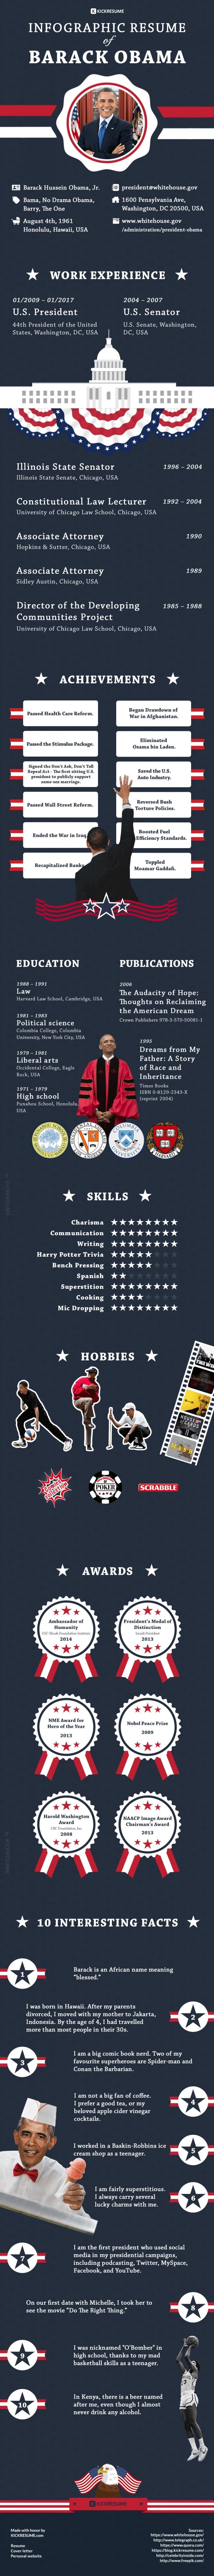 Barack Obama's resume